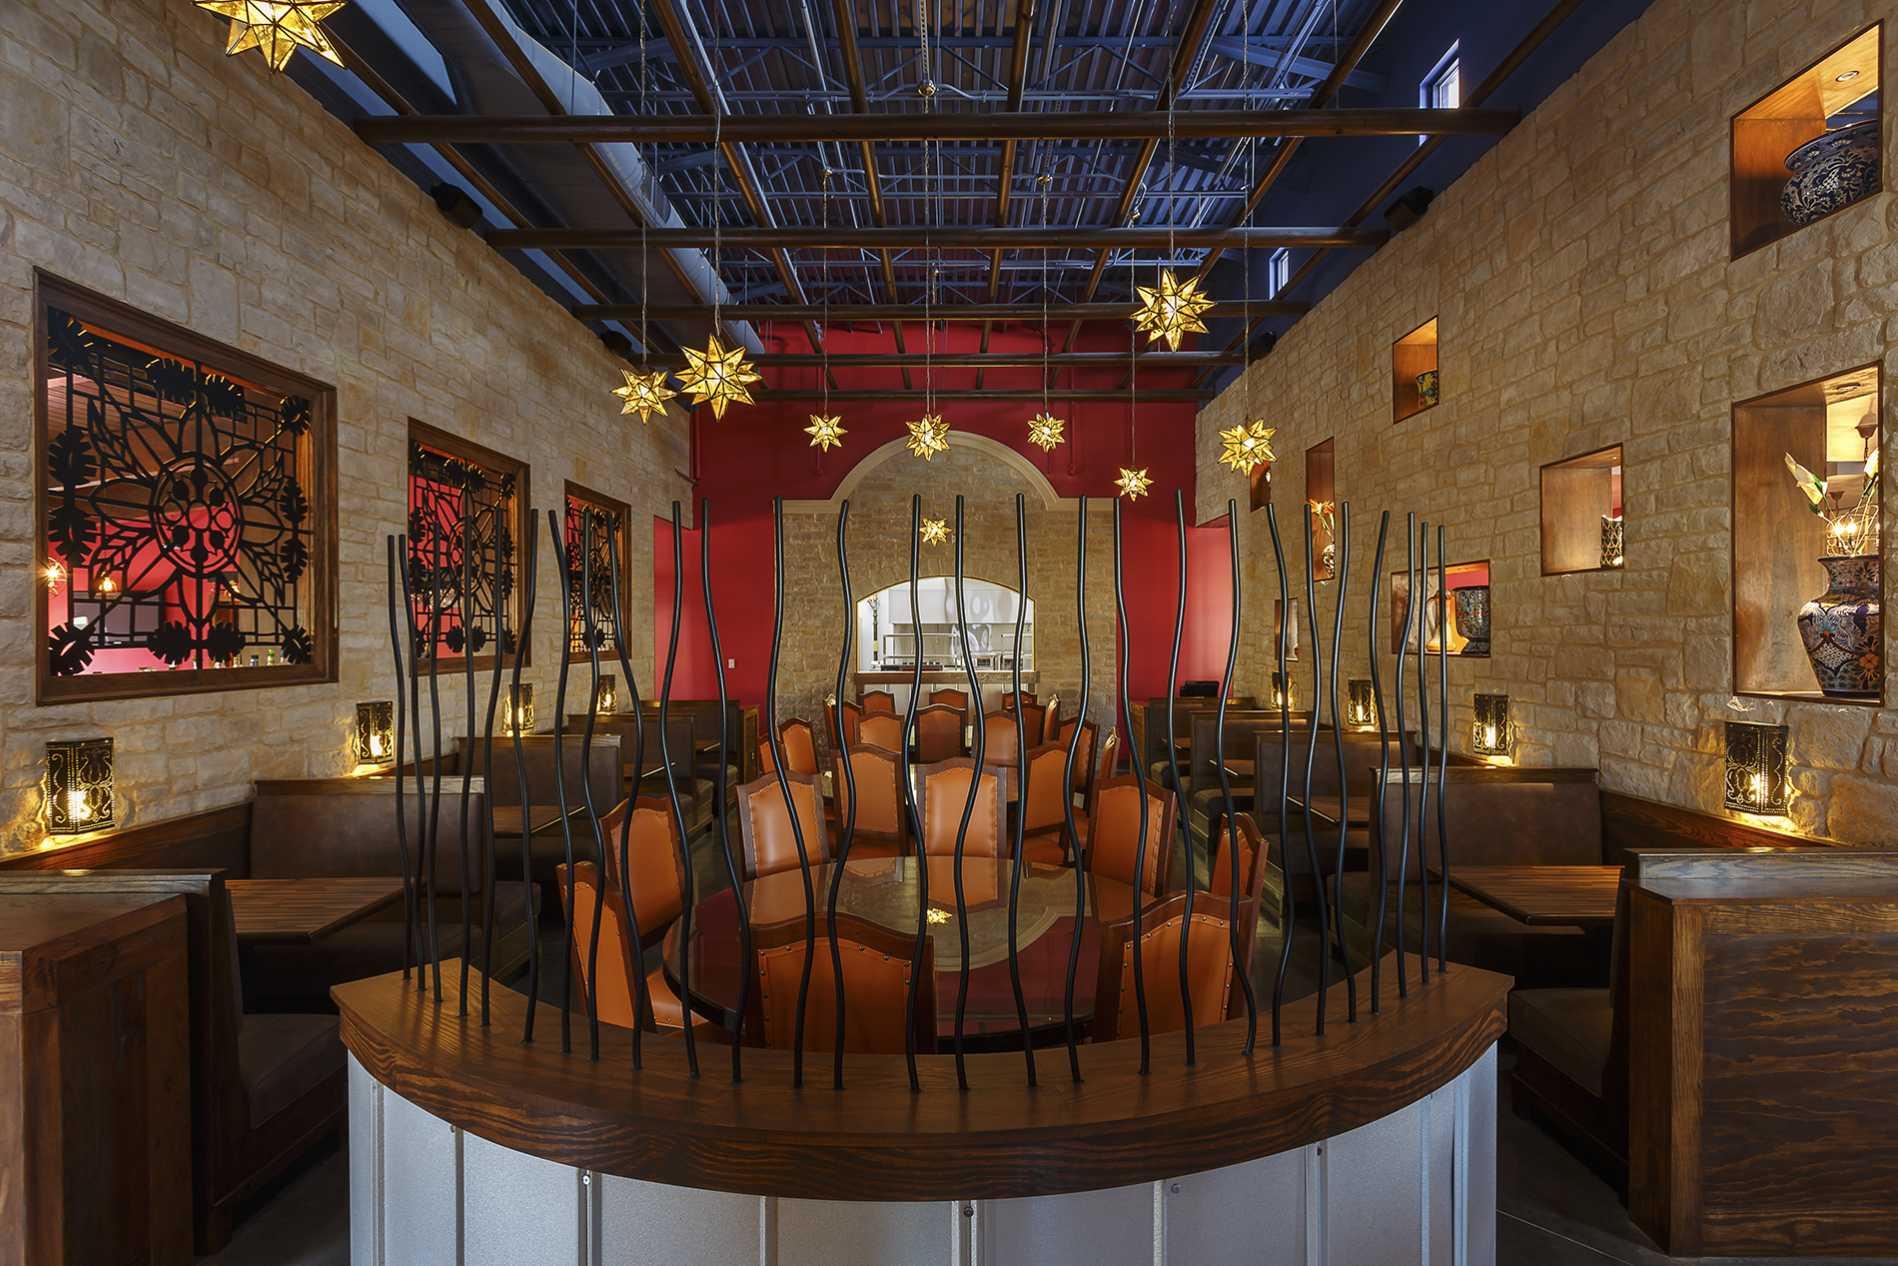 Featured Restaurant Design - Monterey Mexican Restaurant